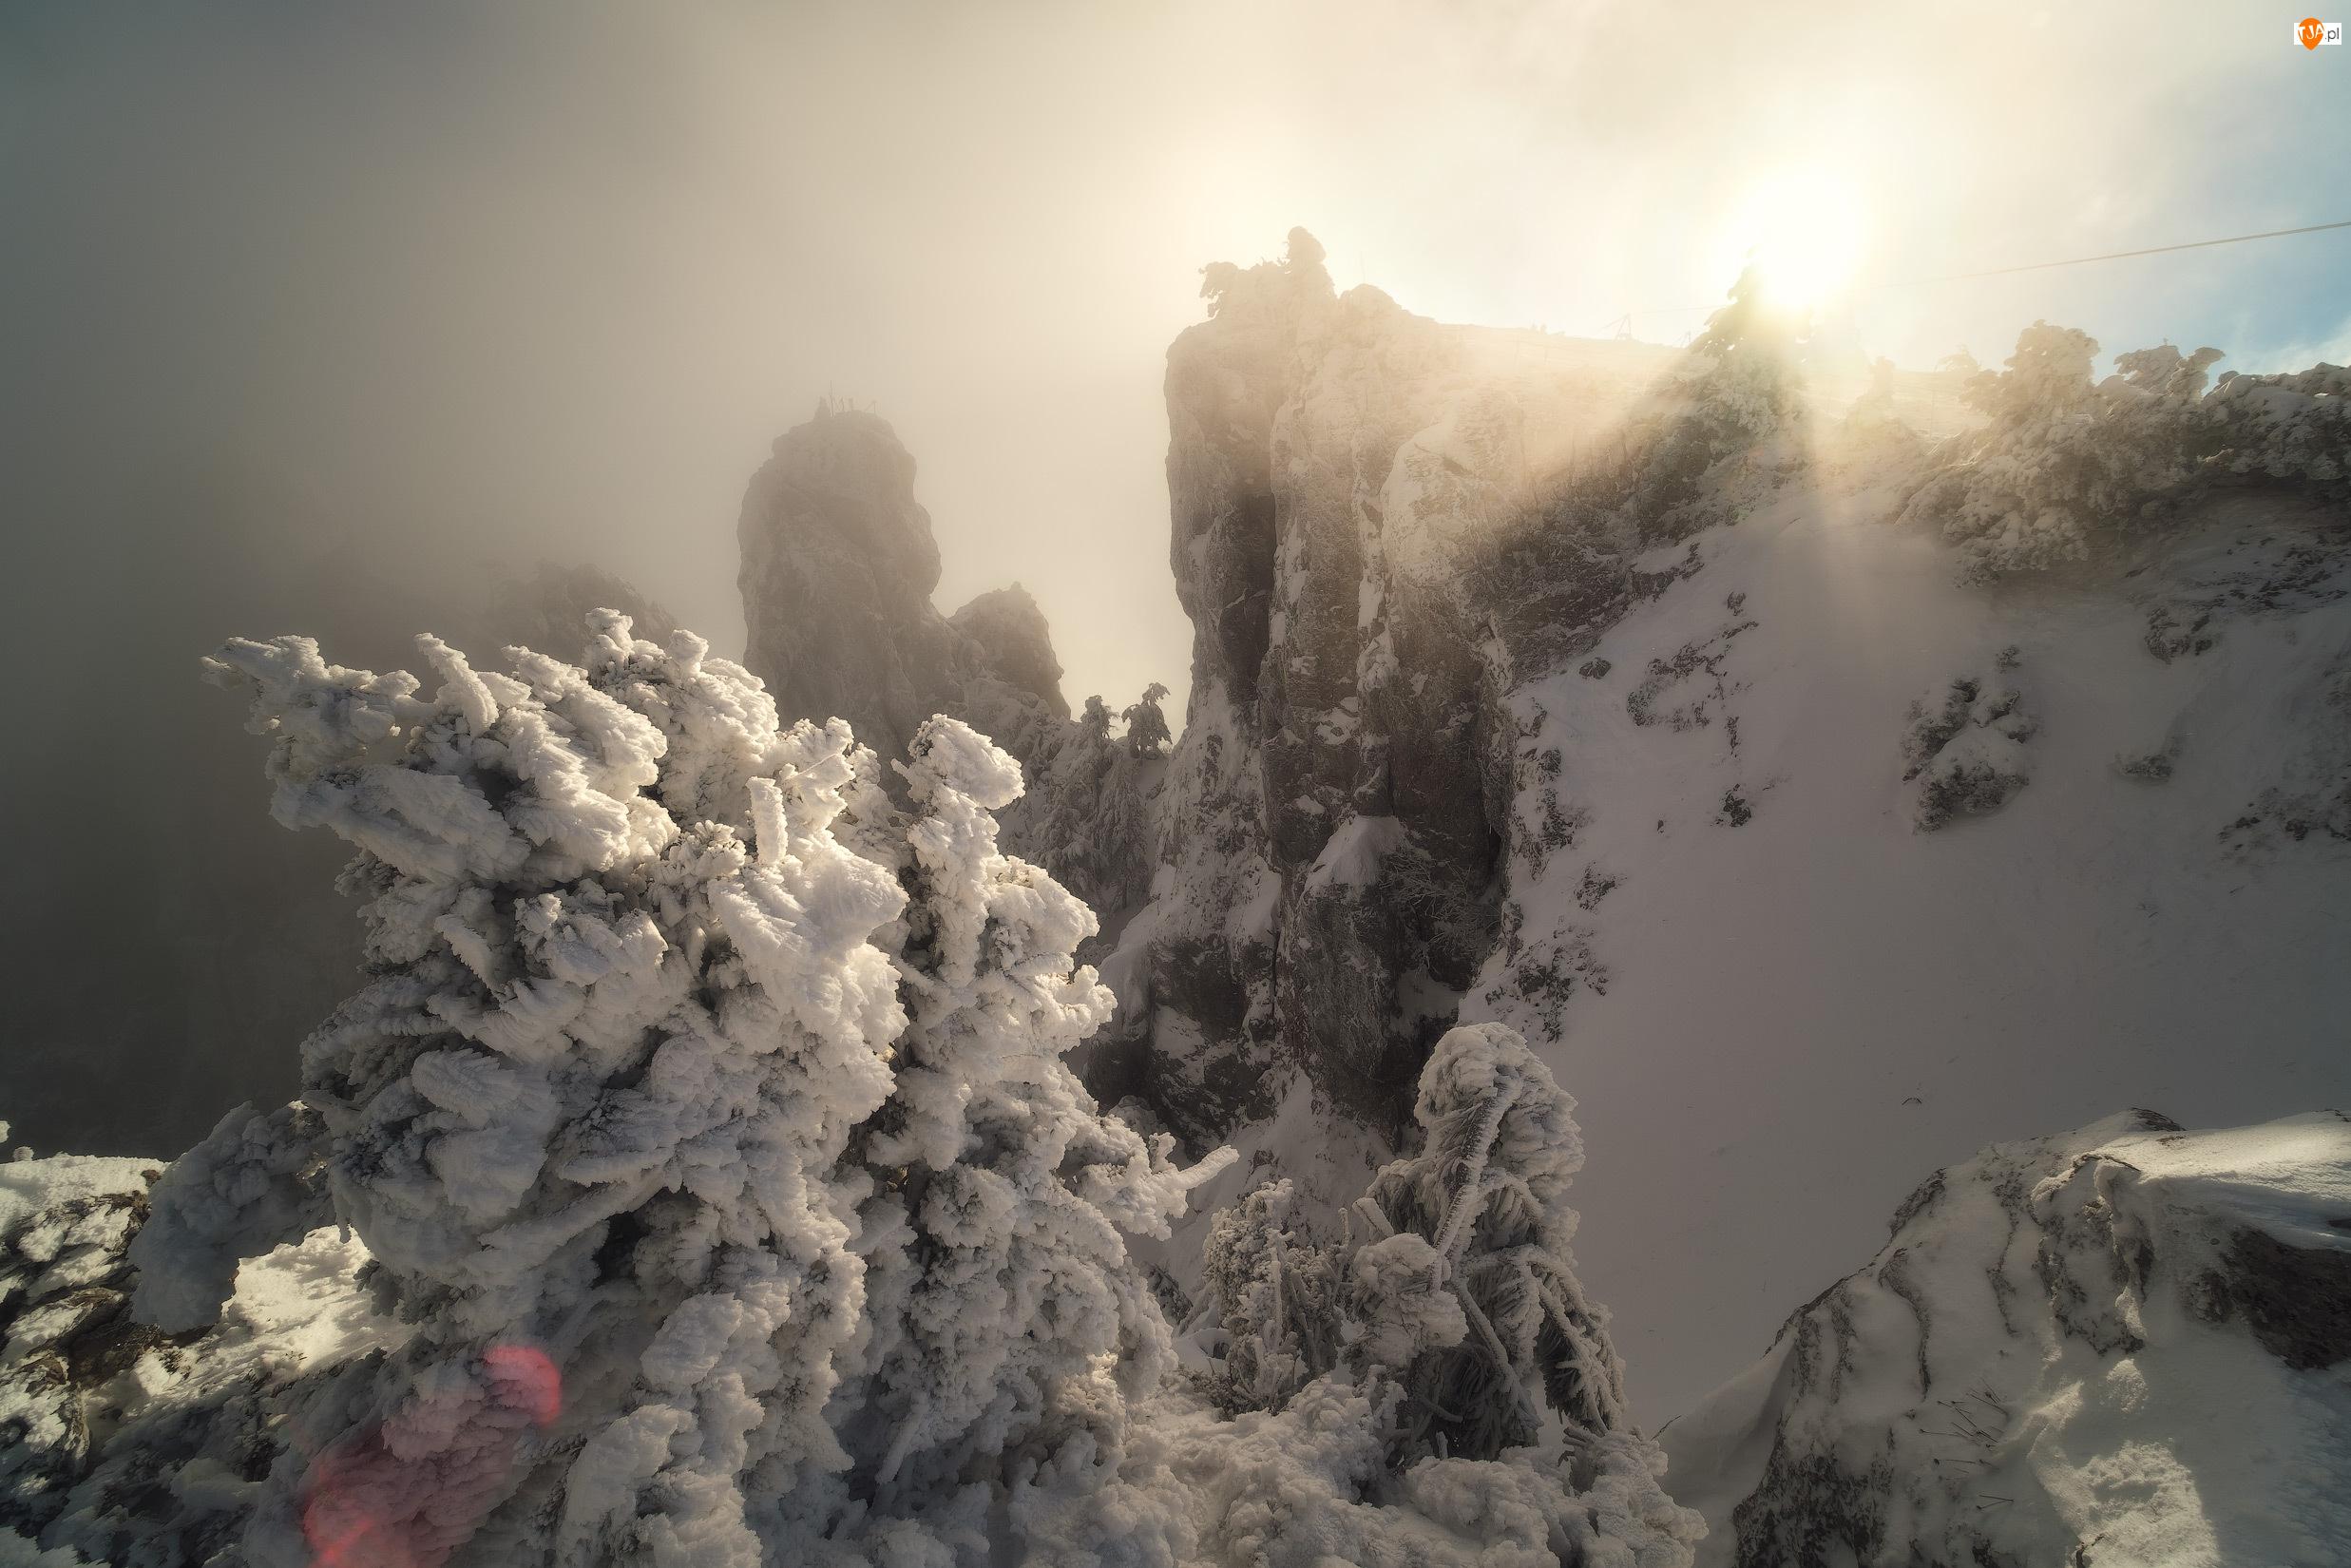 Drzewa, Promienie słońca, Krym, Zima, Szczyt Aj-Petri, Śnieg, Góry Krymskie